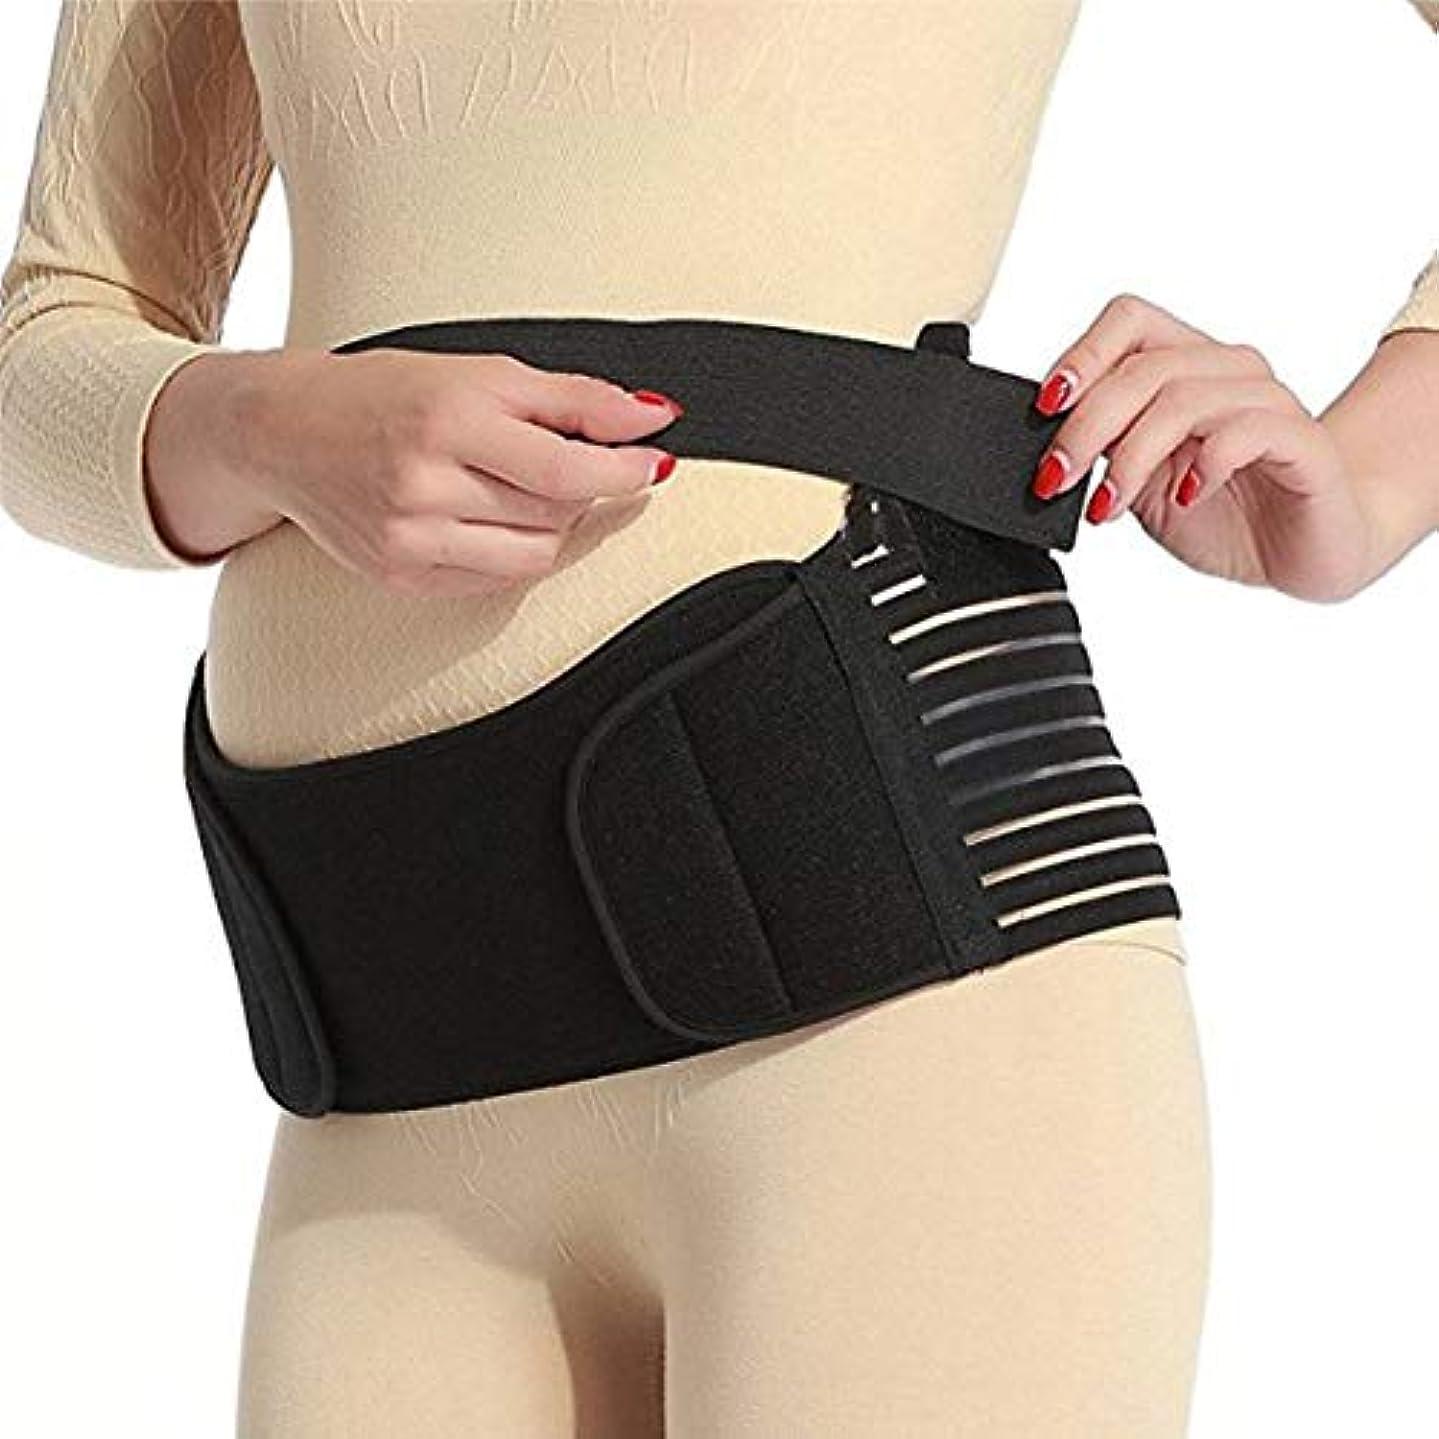 結晶生理緯度通気性マタニティベルト妊娠中の腹部サポート腹部バインダーガードル運動包帯産後の回復shapewear - ブラックM